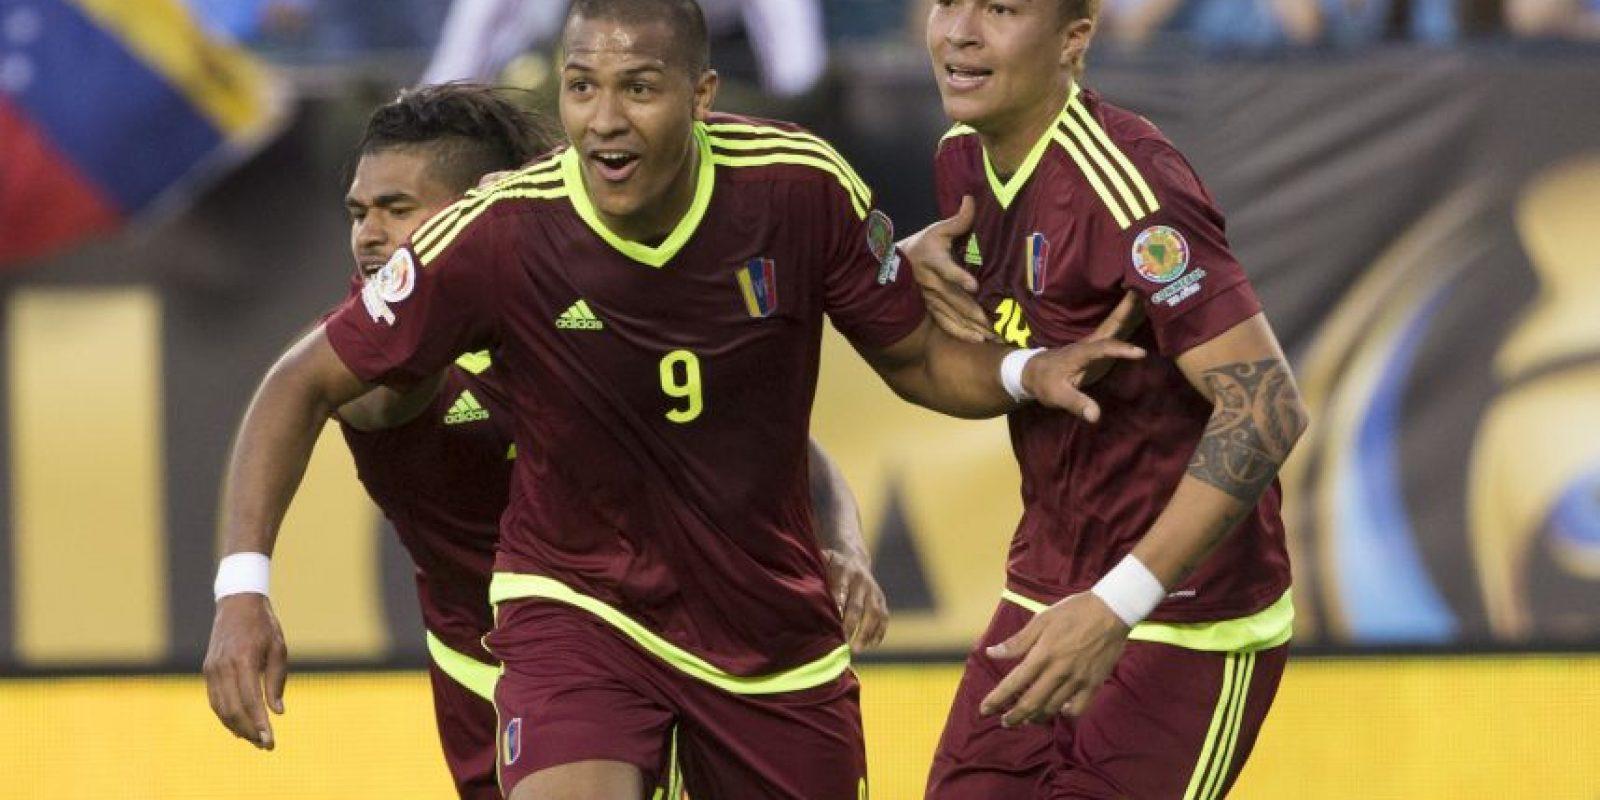 La Vinotinto venció por 1 a 0 en ambos encuentros y ahora buscará el primer lugar de su grupo para evitar a Argentina, quien posiblemente quede en la primera ubicación del Grupo D Foto:Getty Images